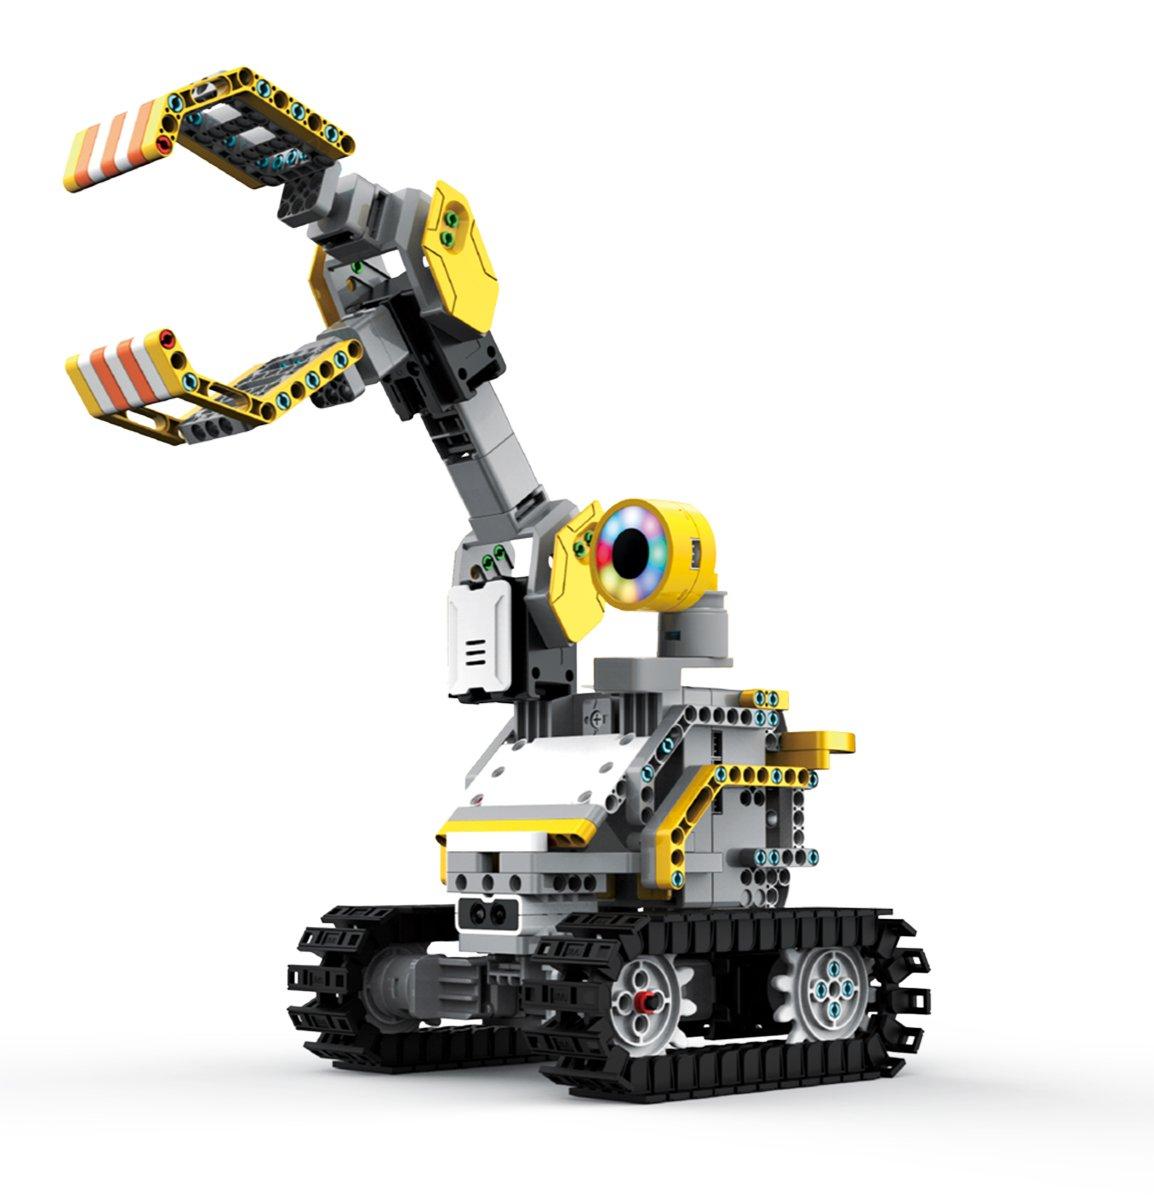 8 x 6 8 x 6 UBTech 303 Piece JR0405 Toys UBTECH Builderbots Kit Interactive Robotic Building Block System